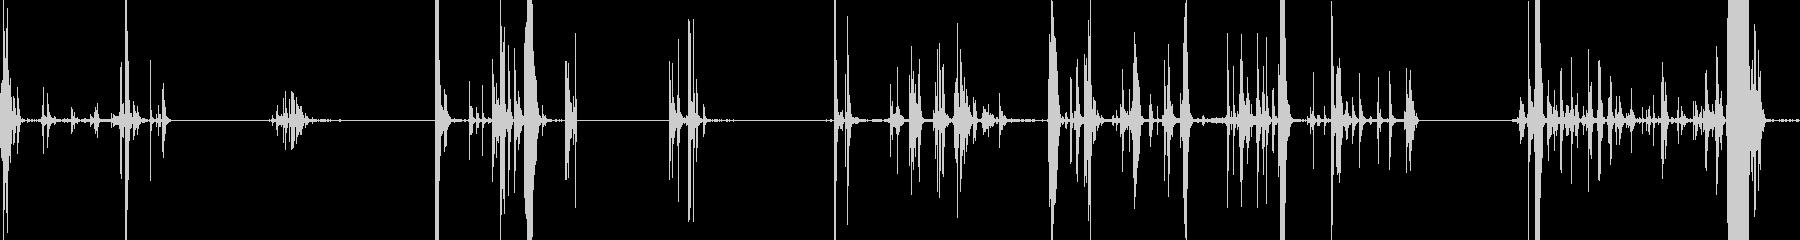 ヘビーメタルチェーンリンク:ライト...の未再生の波形